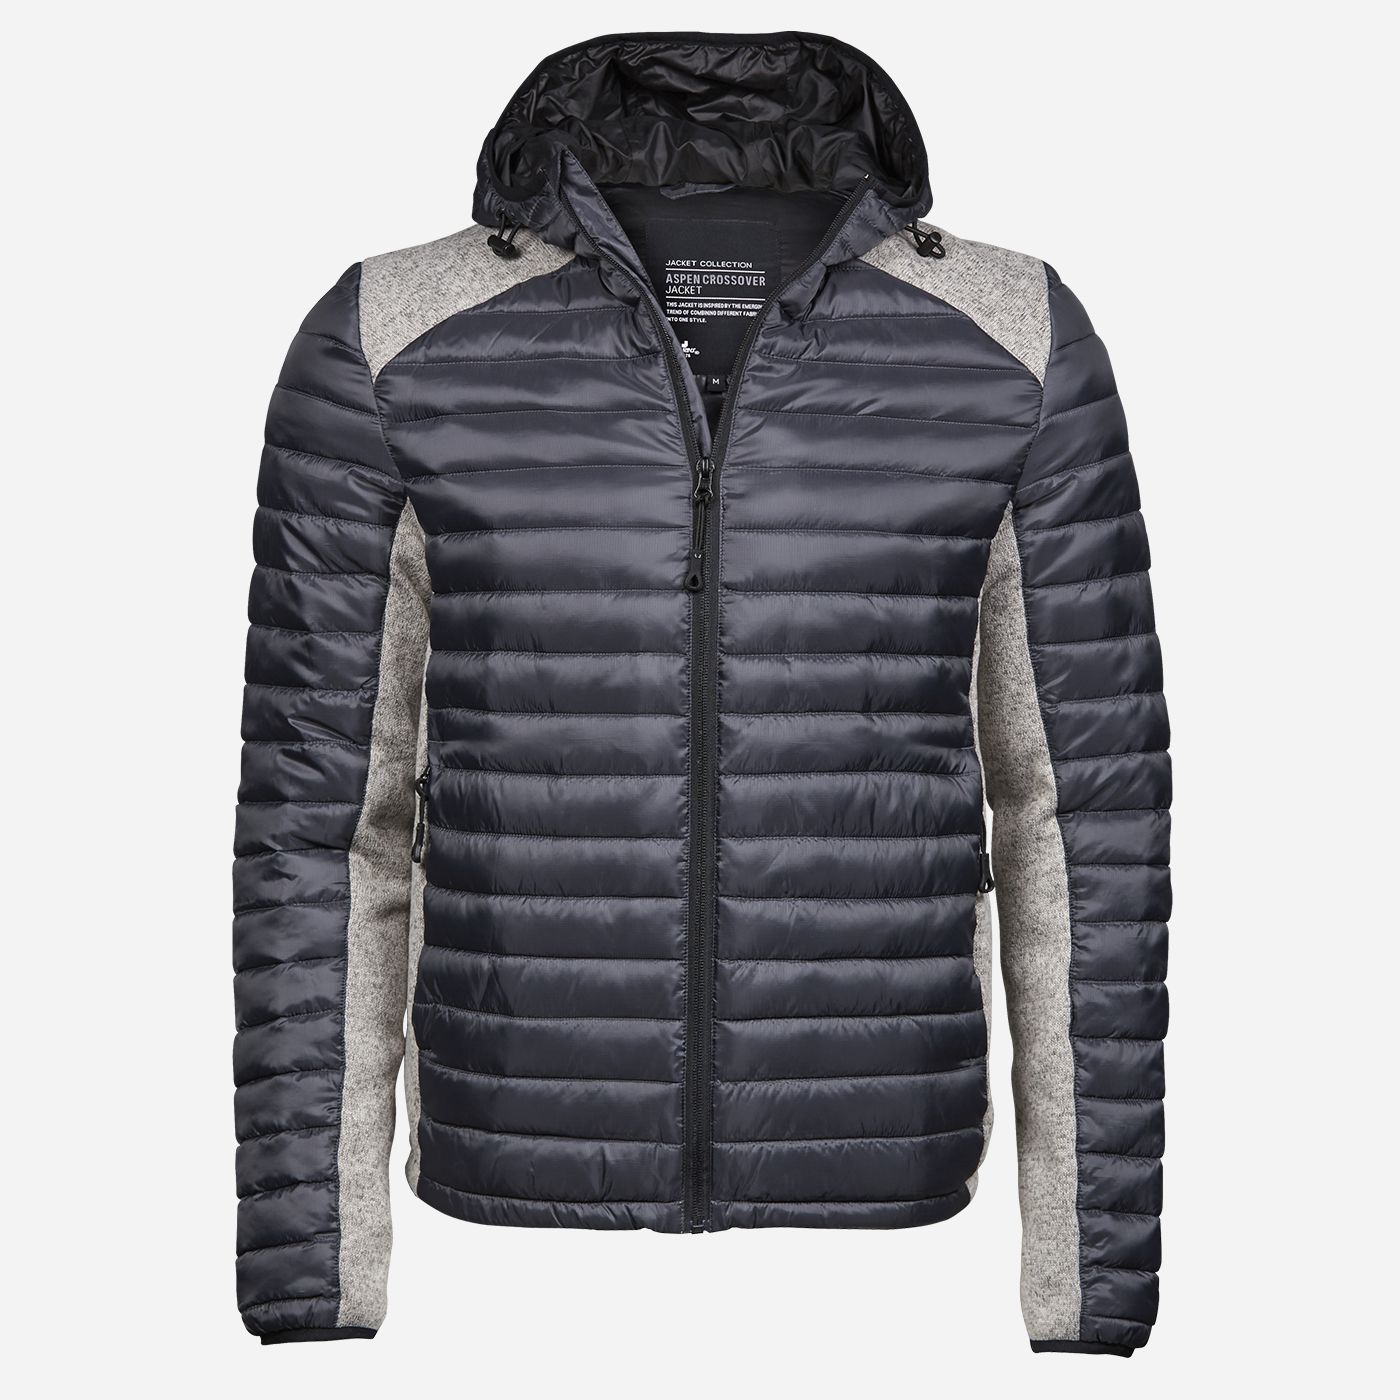 Tee Jays Sivá kombinovaná bunda Veľkosť: S